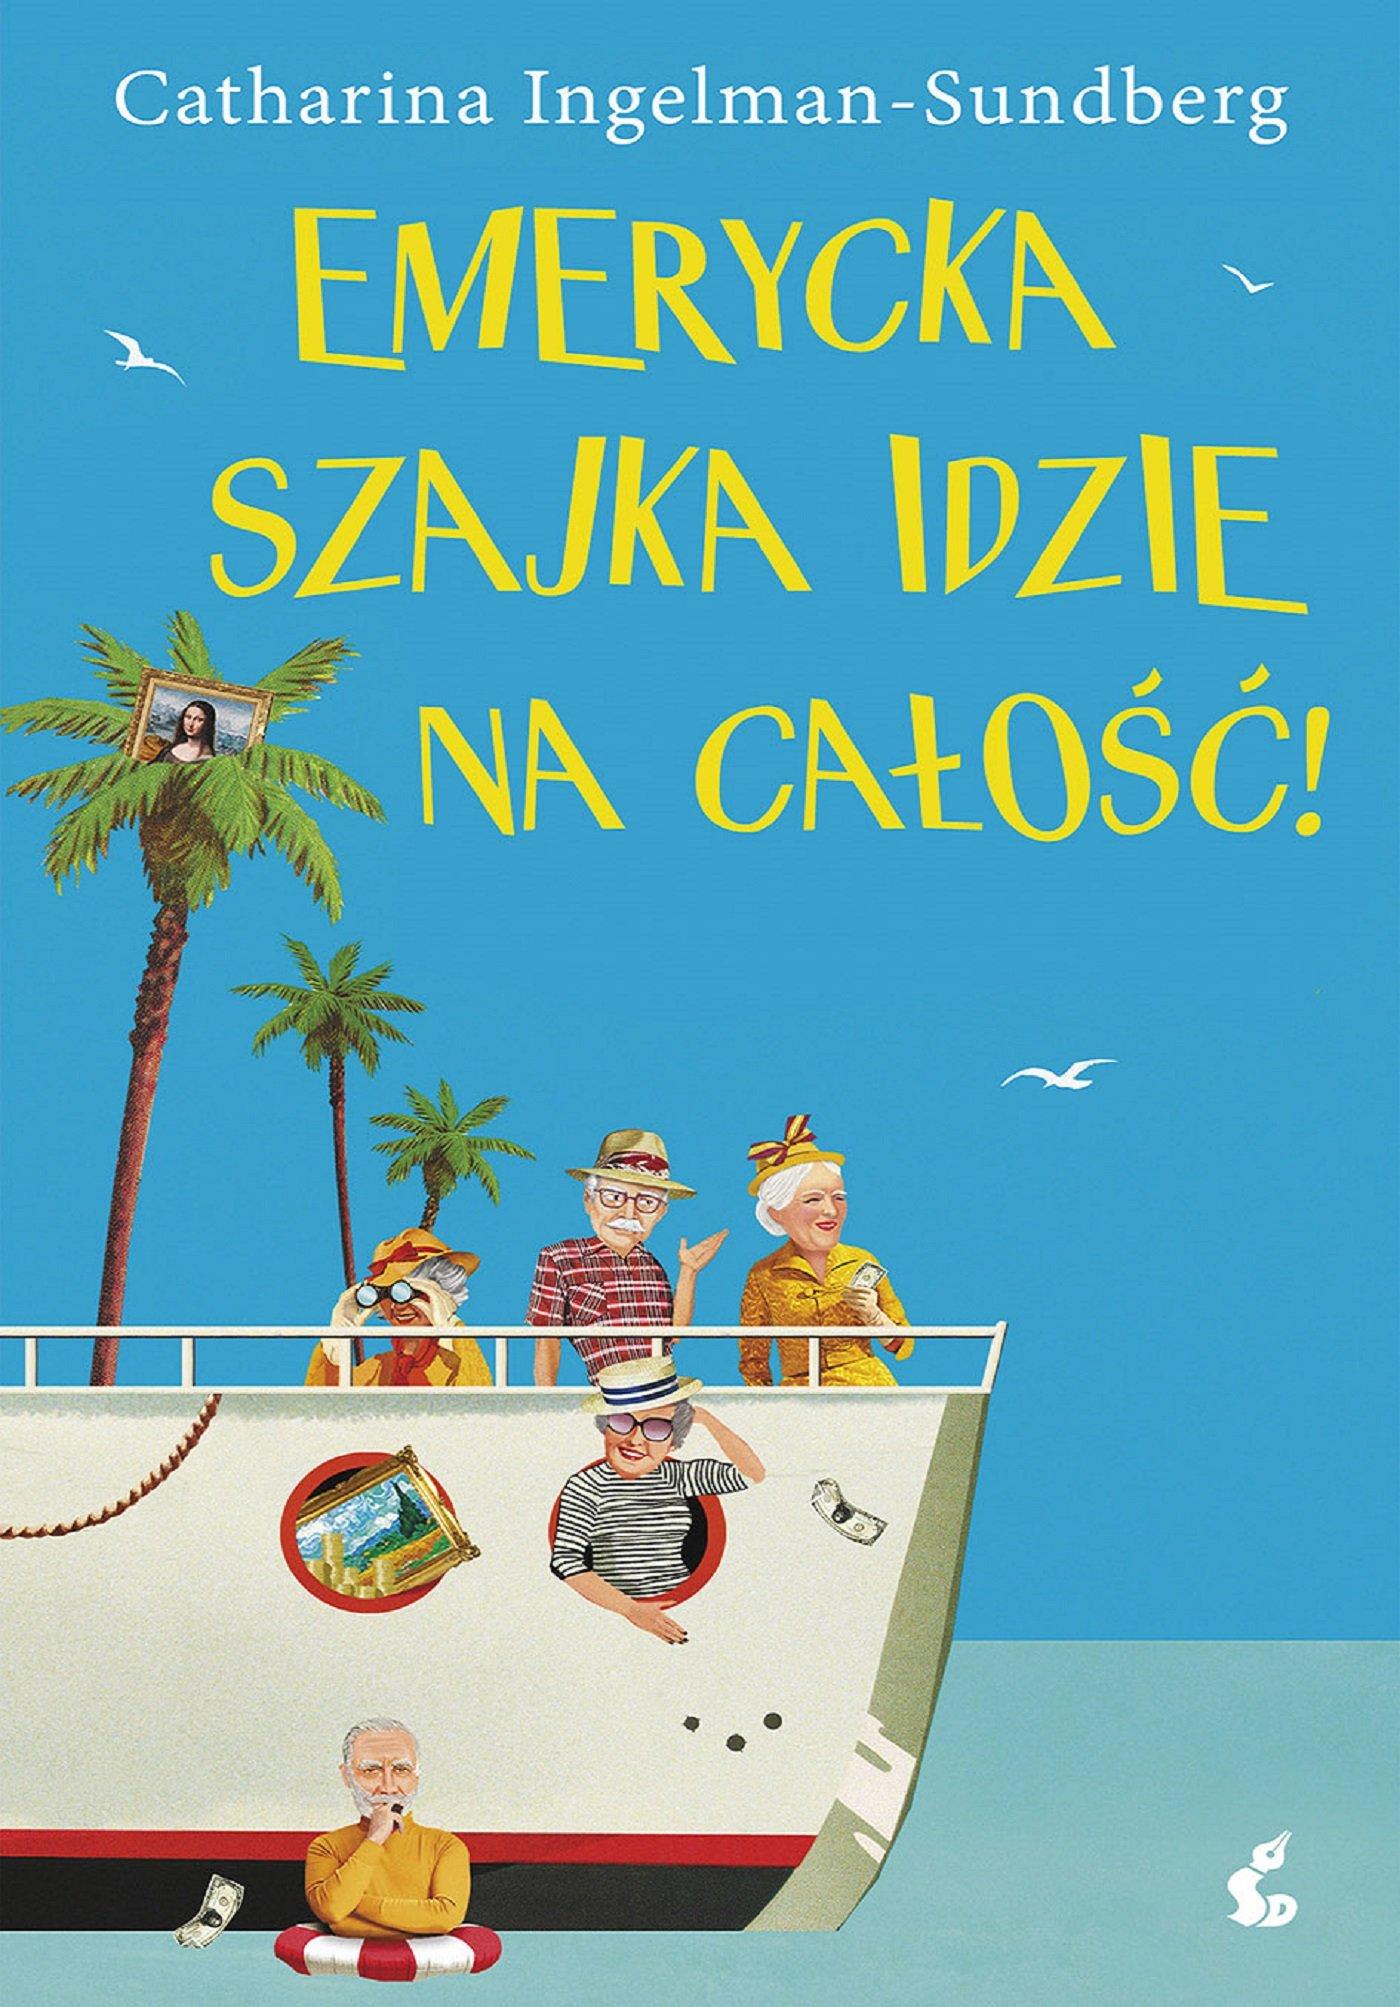 Emerycka Szajka idzie na całość! - Ebook (Książka na Kindle) do pobrania w formacie MOBI